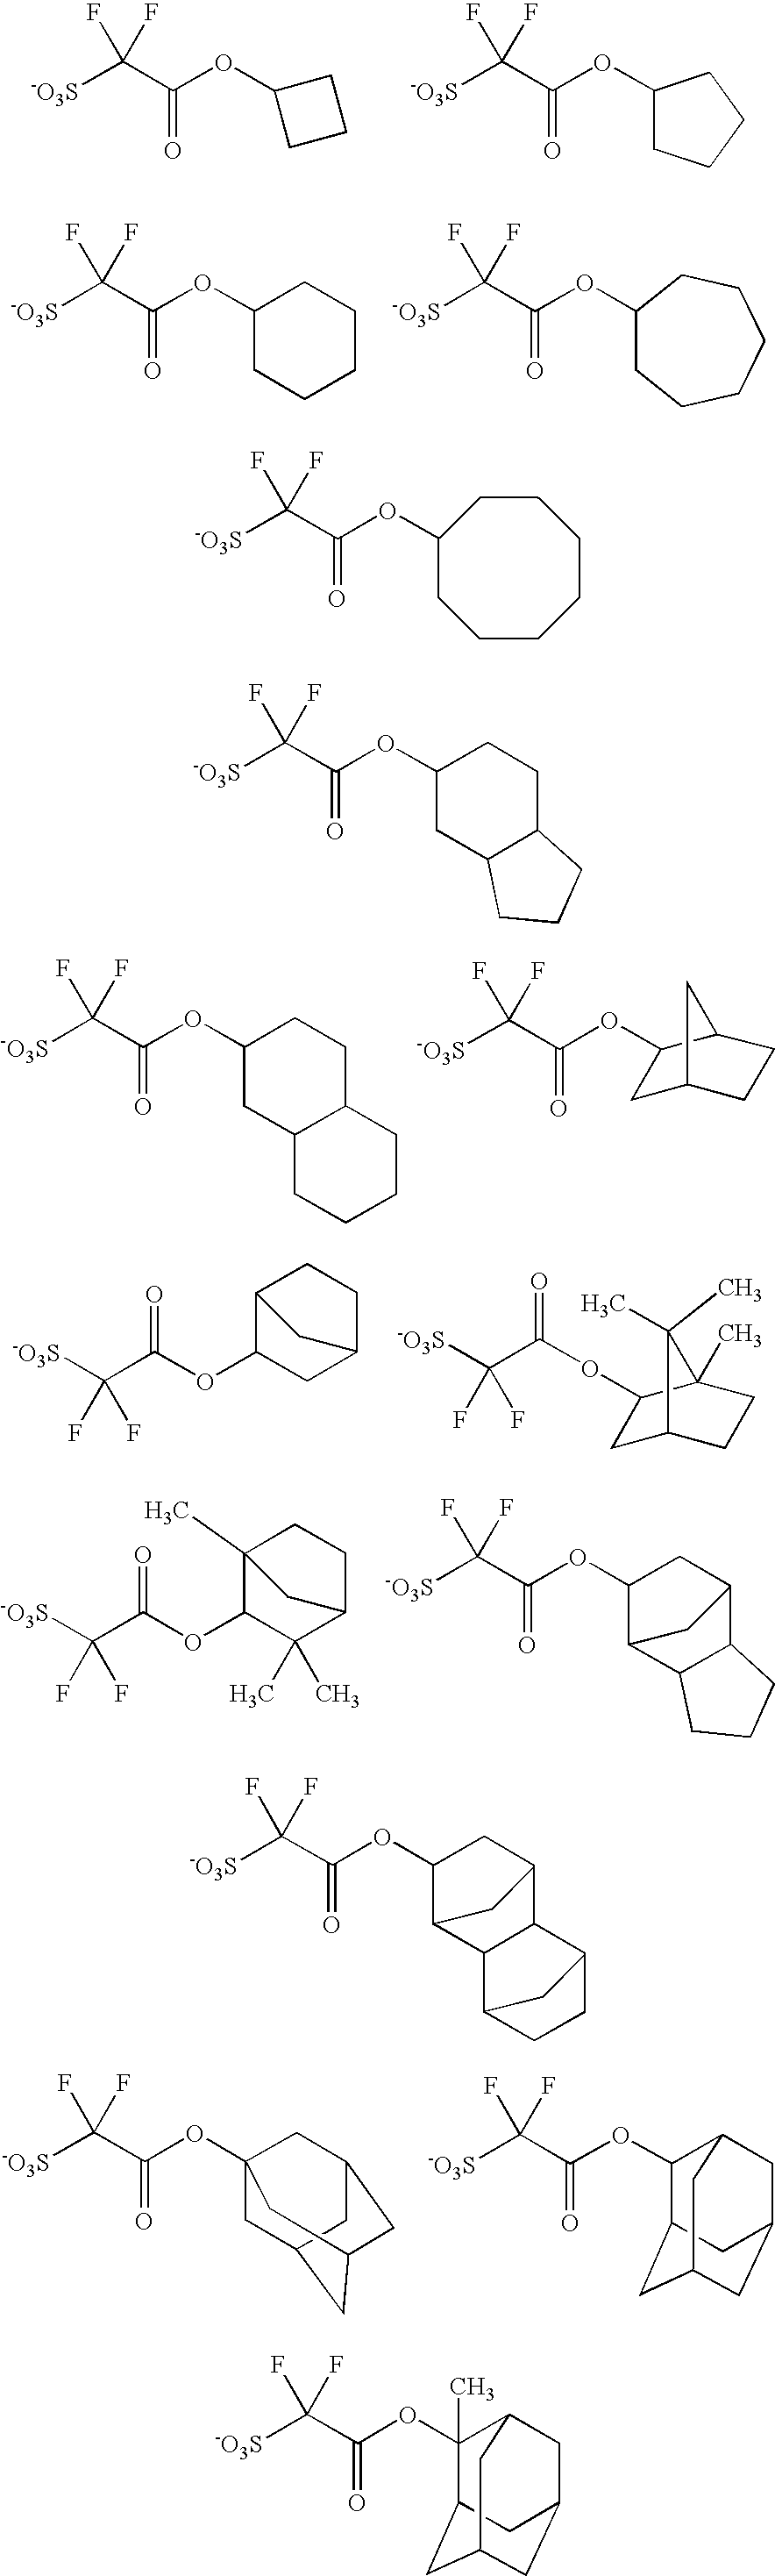 Figure US20100323296A1-20101223-C00085